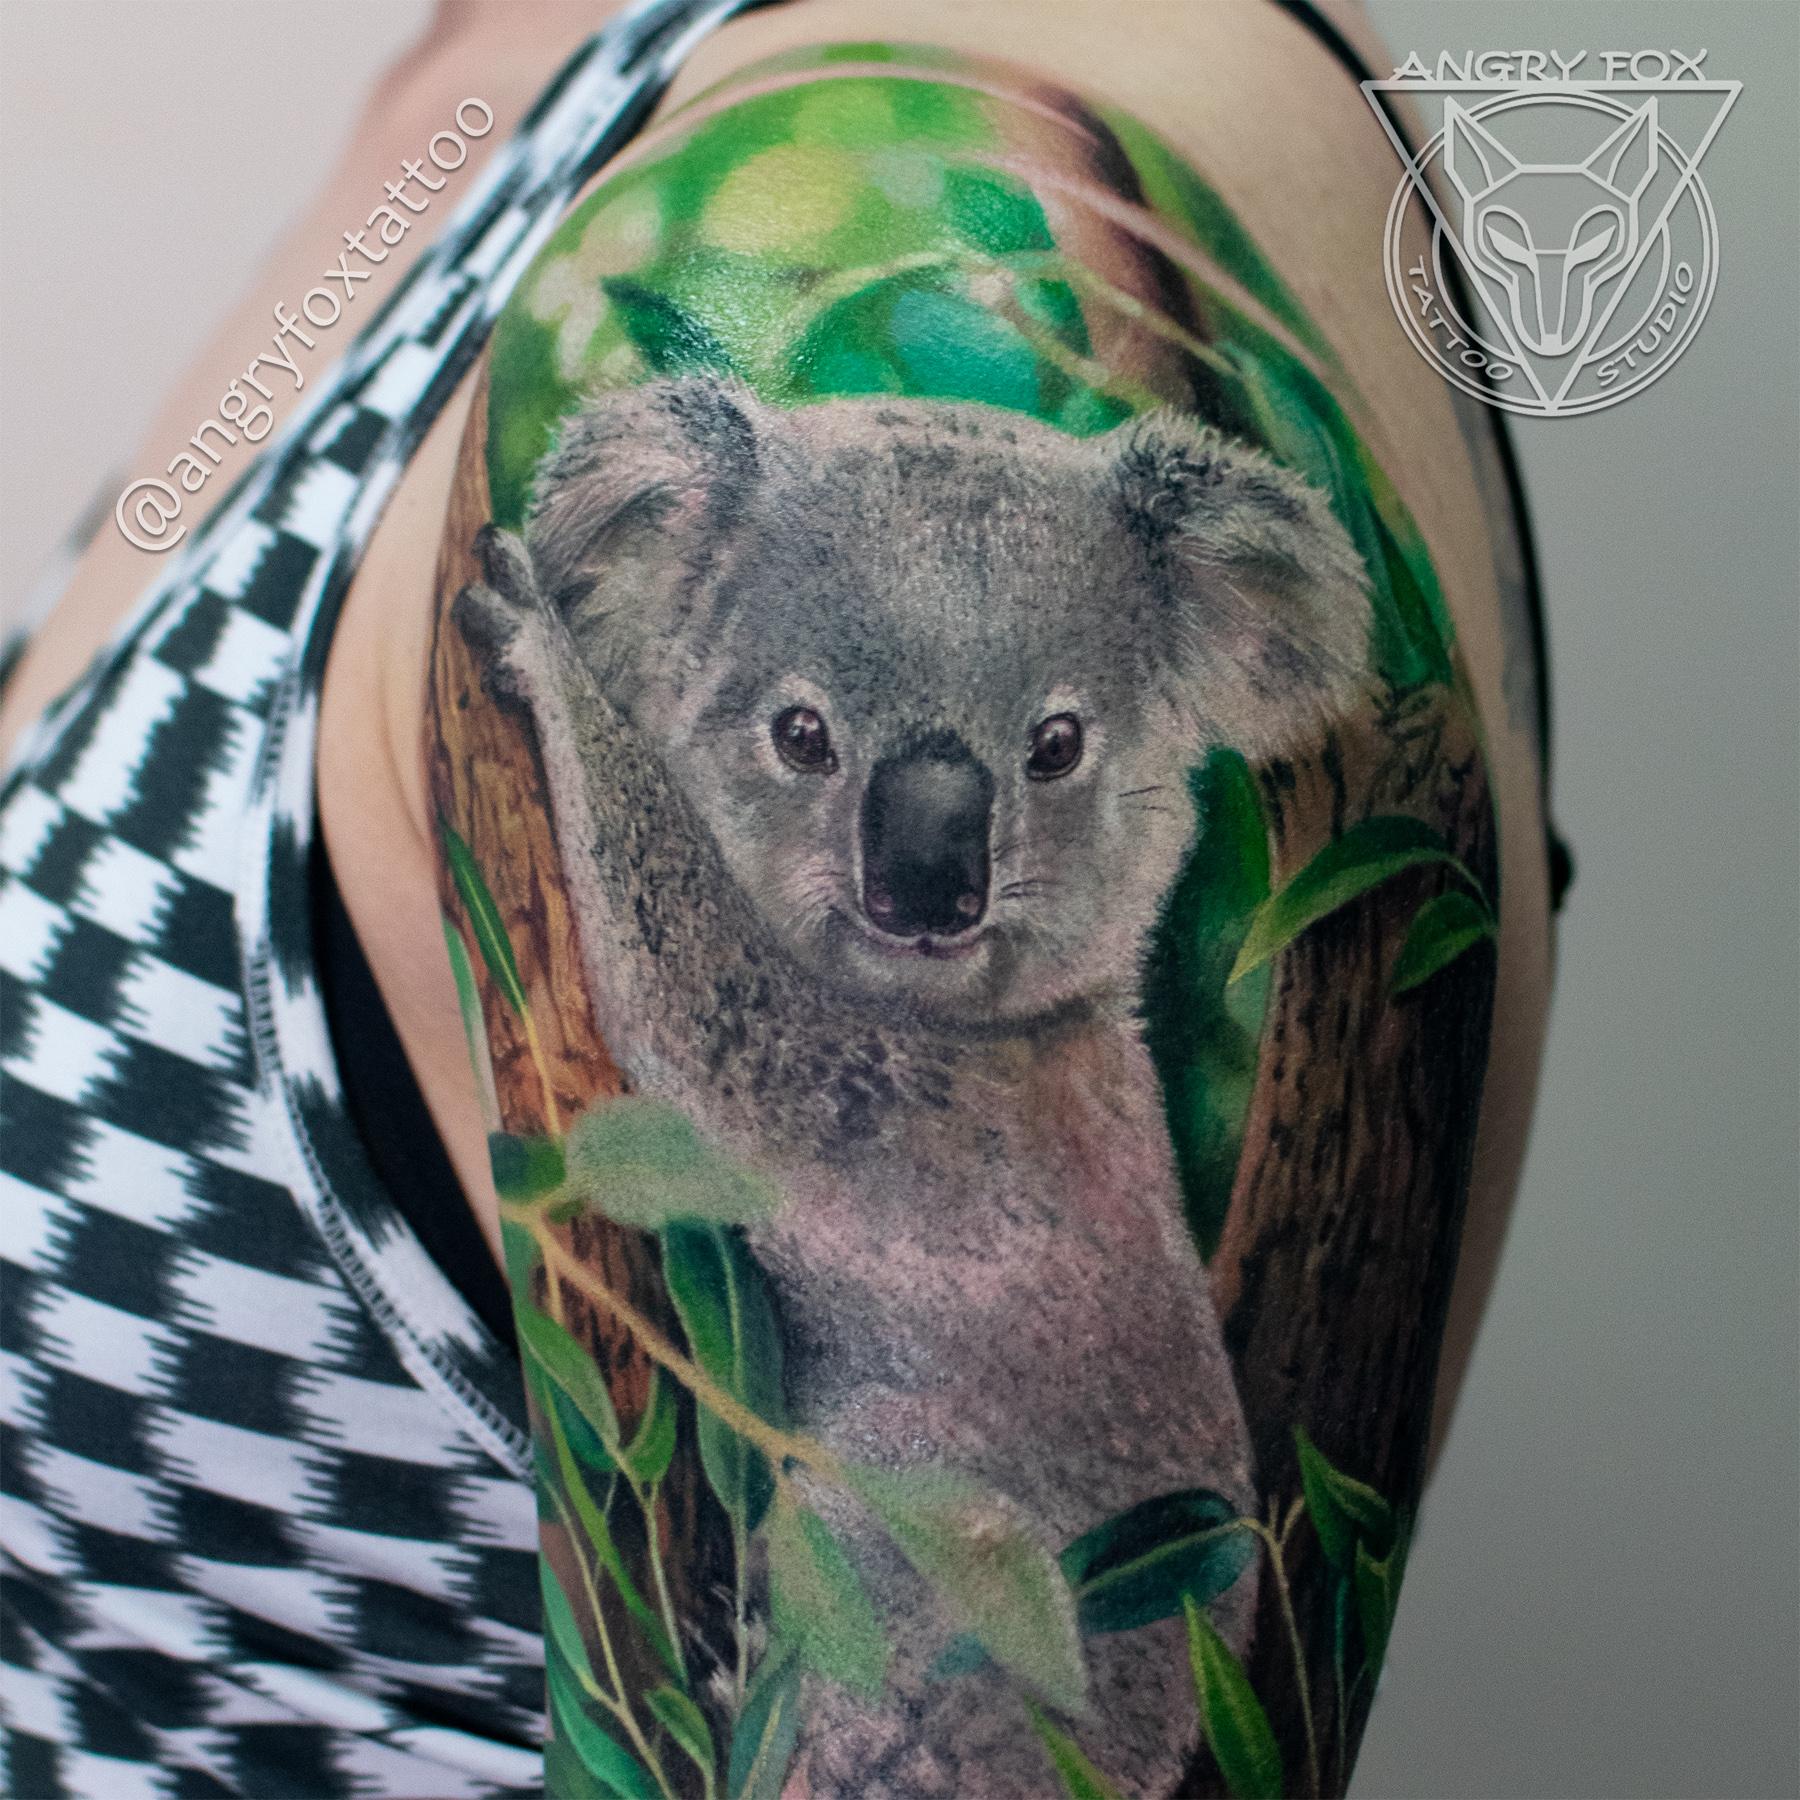 Татуировка, тату, девушка, коала, эвкалипт, листья, дерево, ствол, плечо, рука, реализм